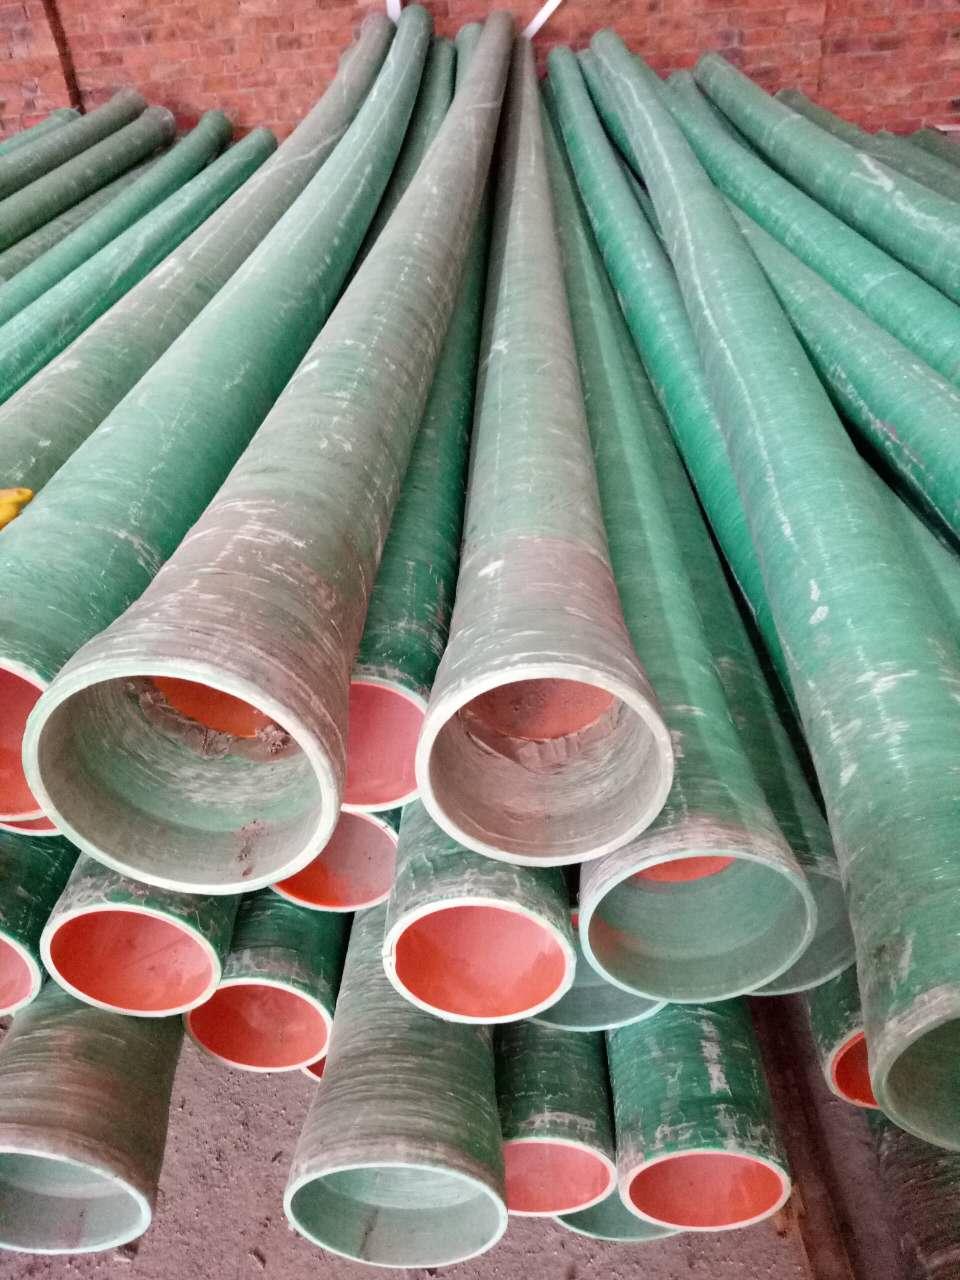 望城区玻璃钢复合管/厂家专业供应玻璃钢复合管 价格 市场 供货商